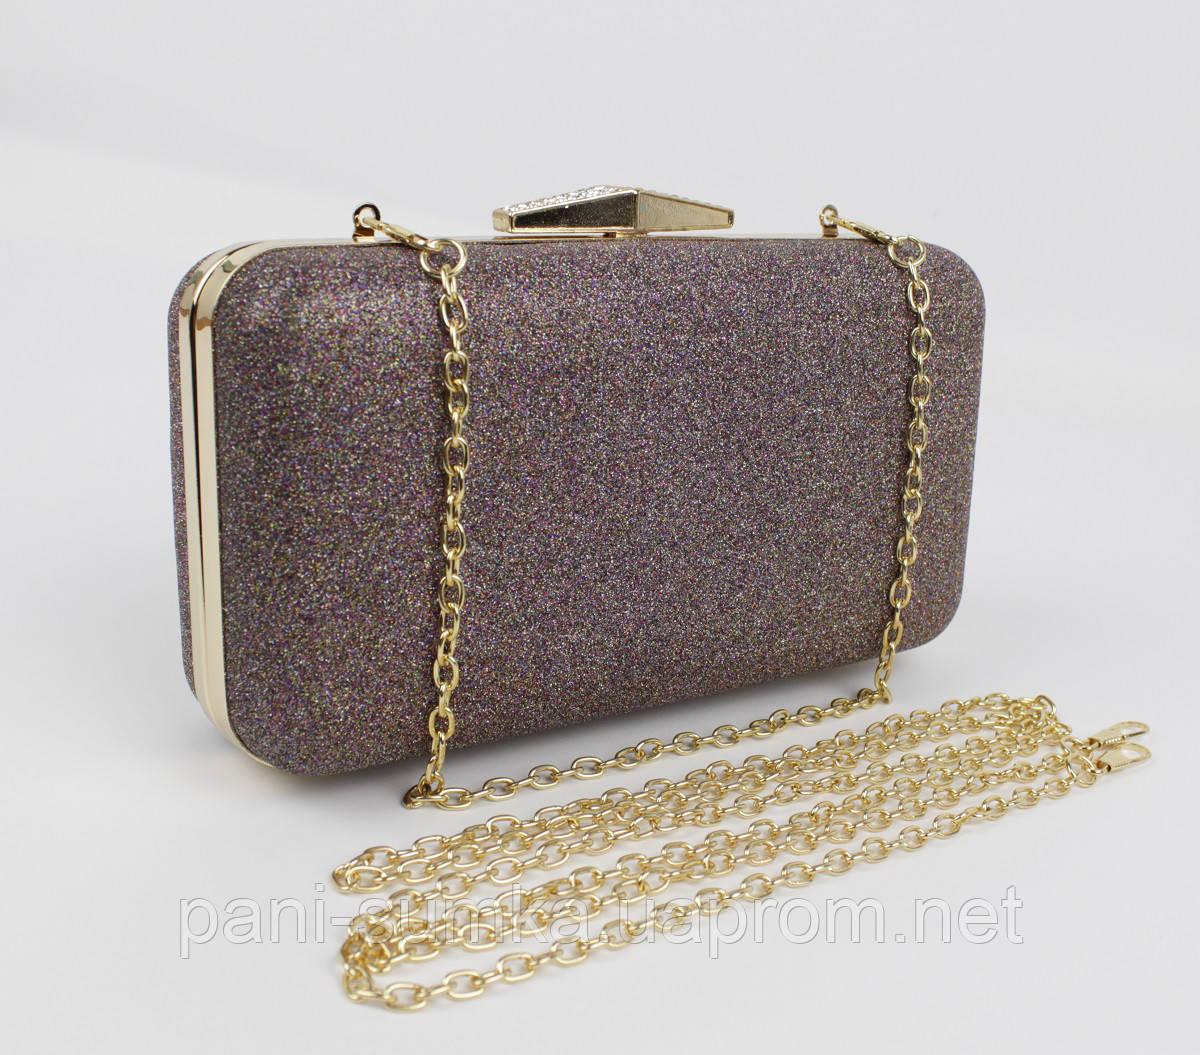 Вечірній клатч Rose Heart 09829 bronze з блискітками, сумочка на ланцюжку